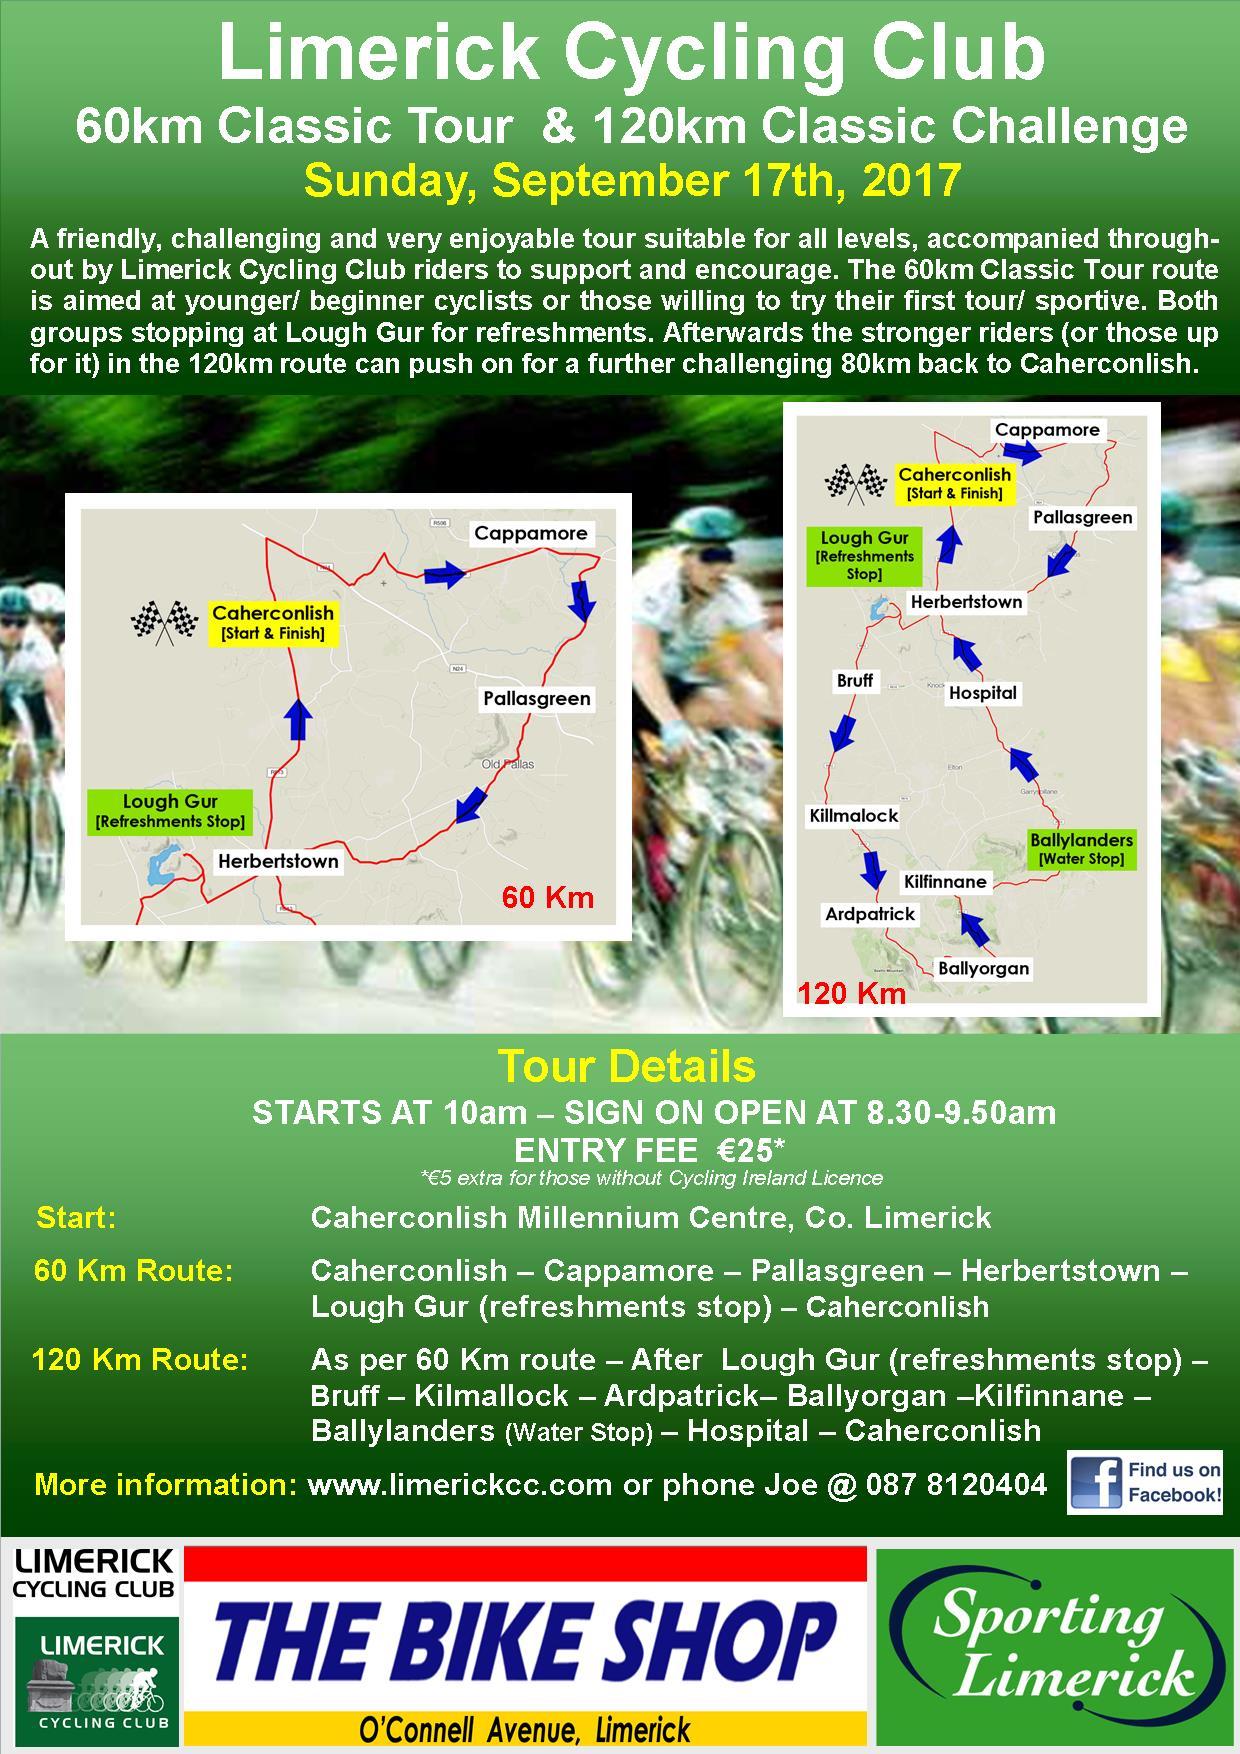 Limerick Classic Tour & Challenge